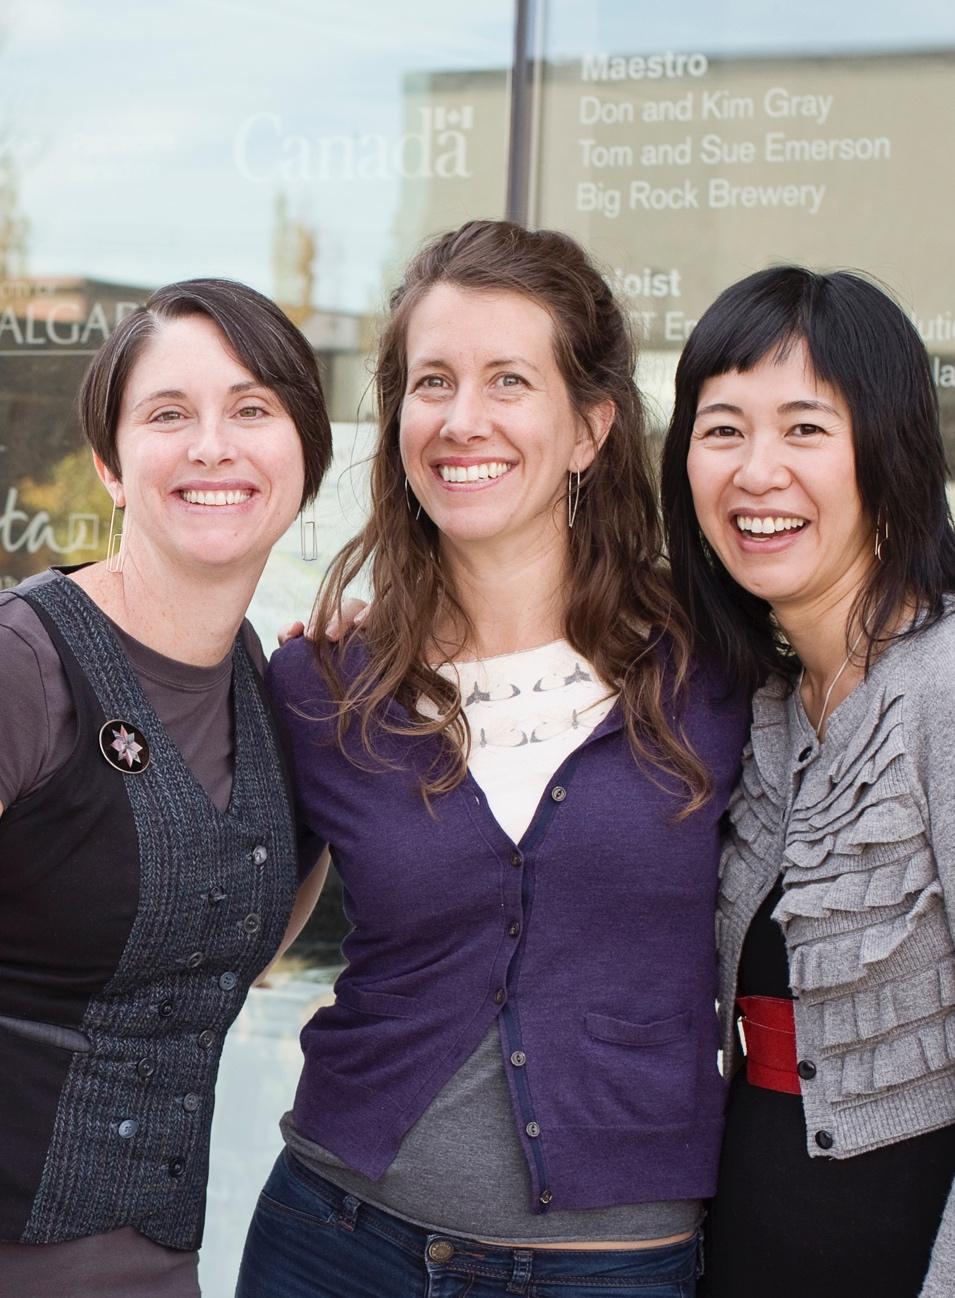 Natalie Gerber, Laura Sharp, Kari Woo